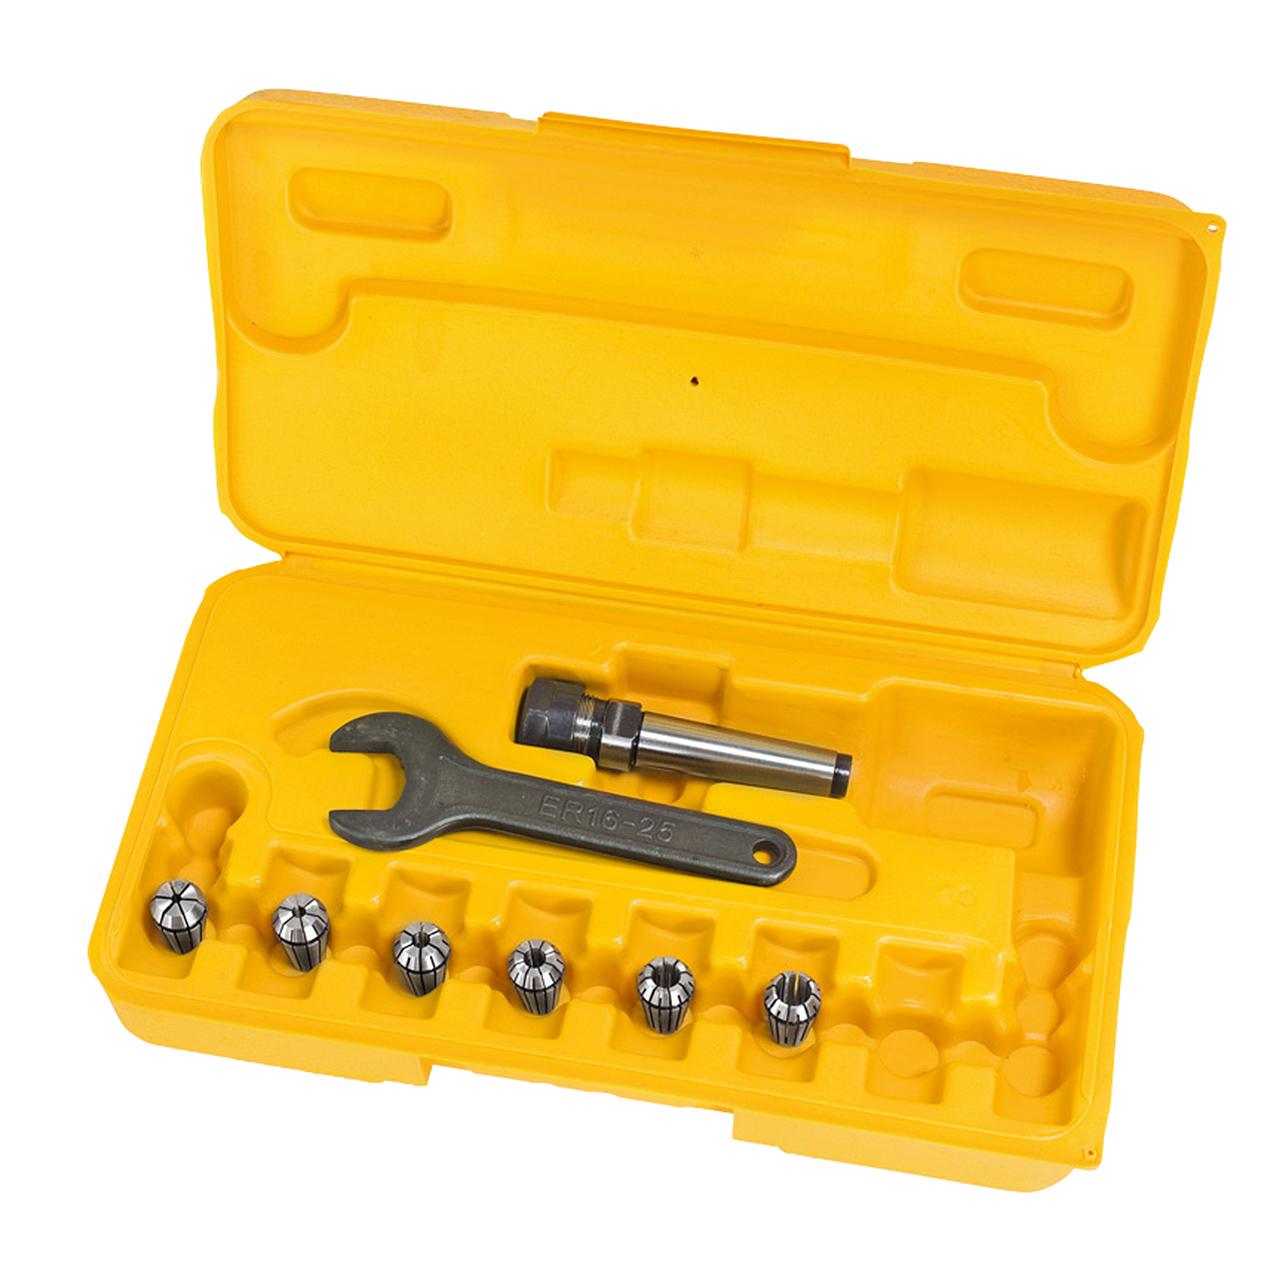 Tuleje zaciskowe frezu, zestaw ER 16, MK 2, 3 - 10 mm, 7 szt. BERNARDO